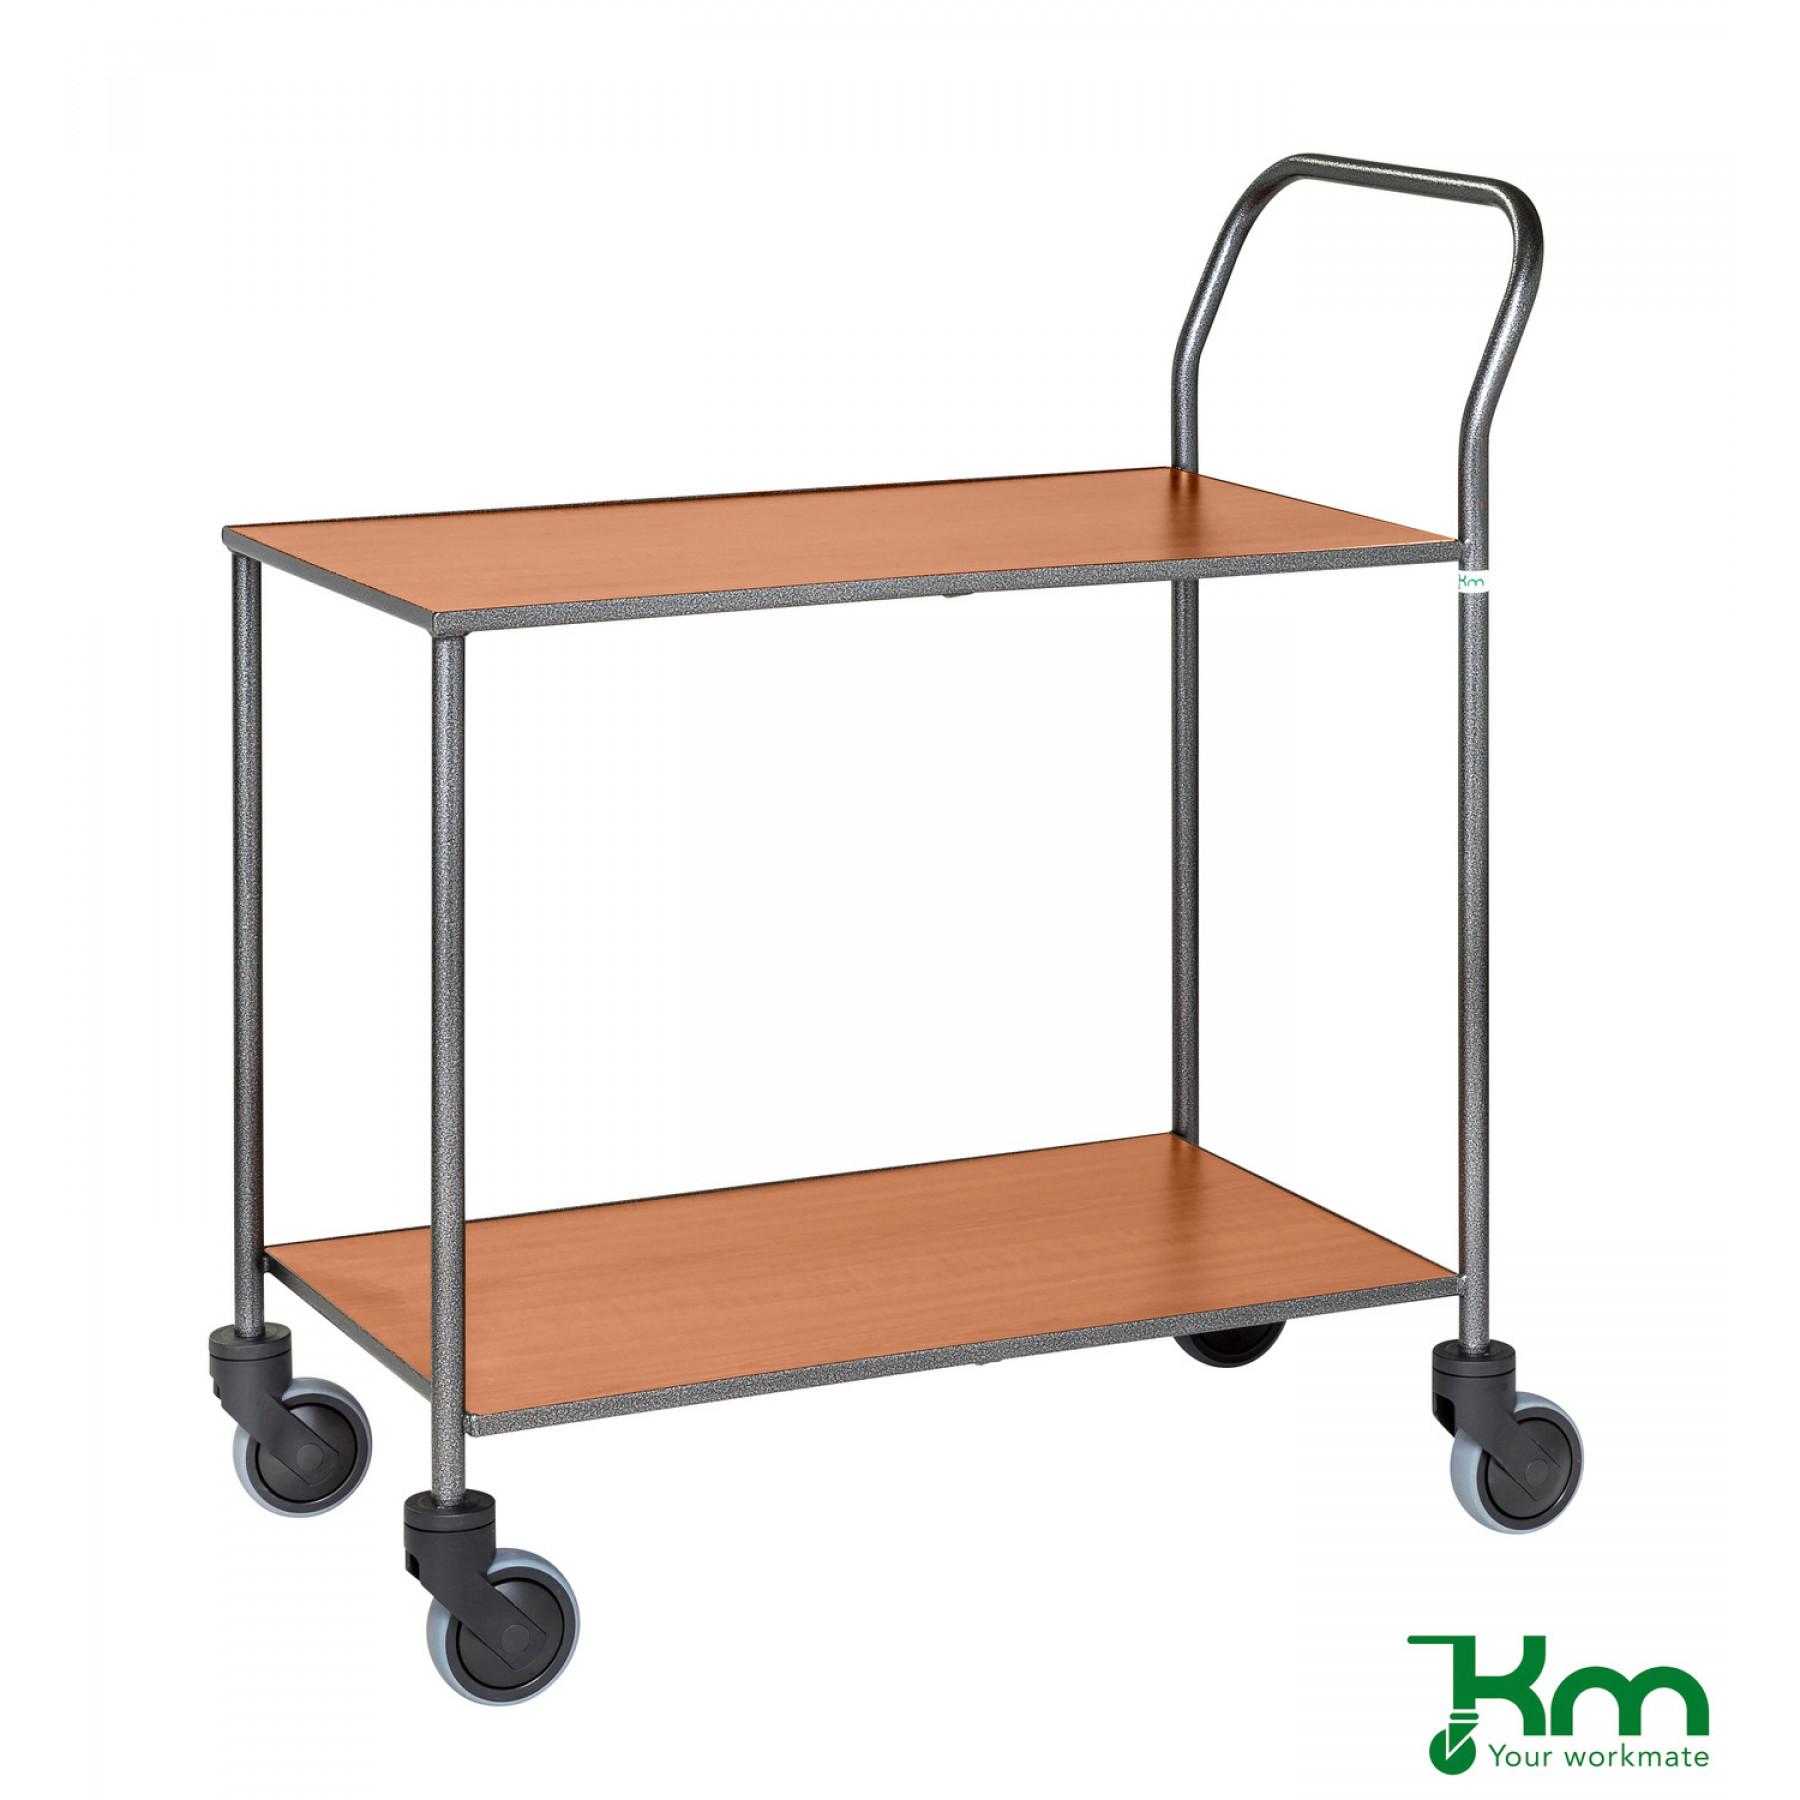 Design tafelwagen met kersenstructuur toplaag, KM 972-KO